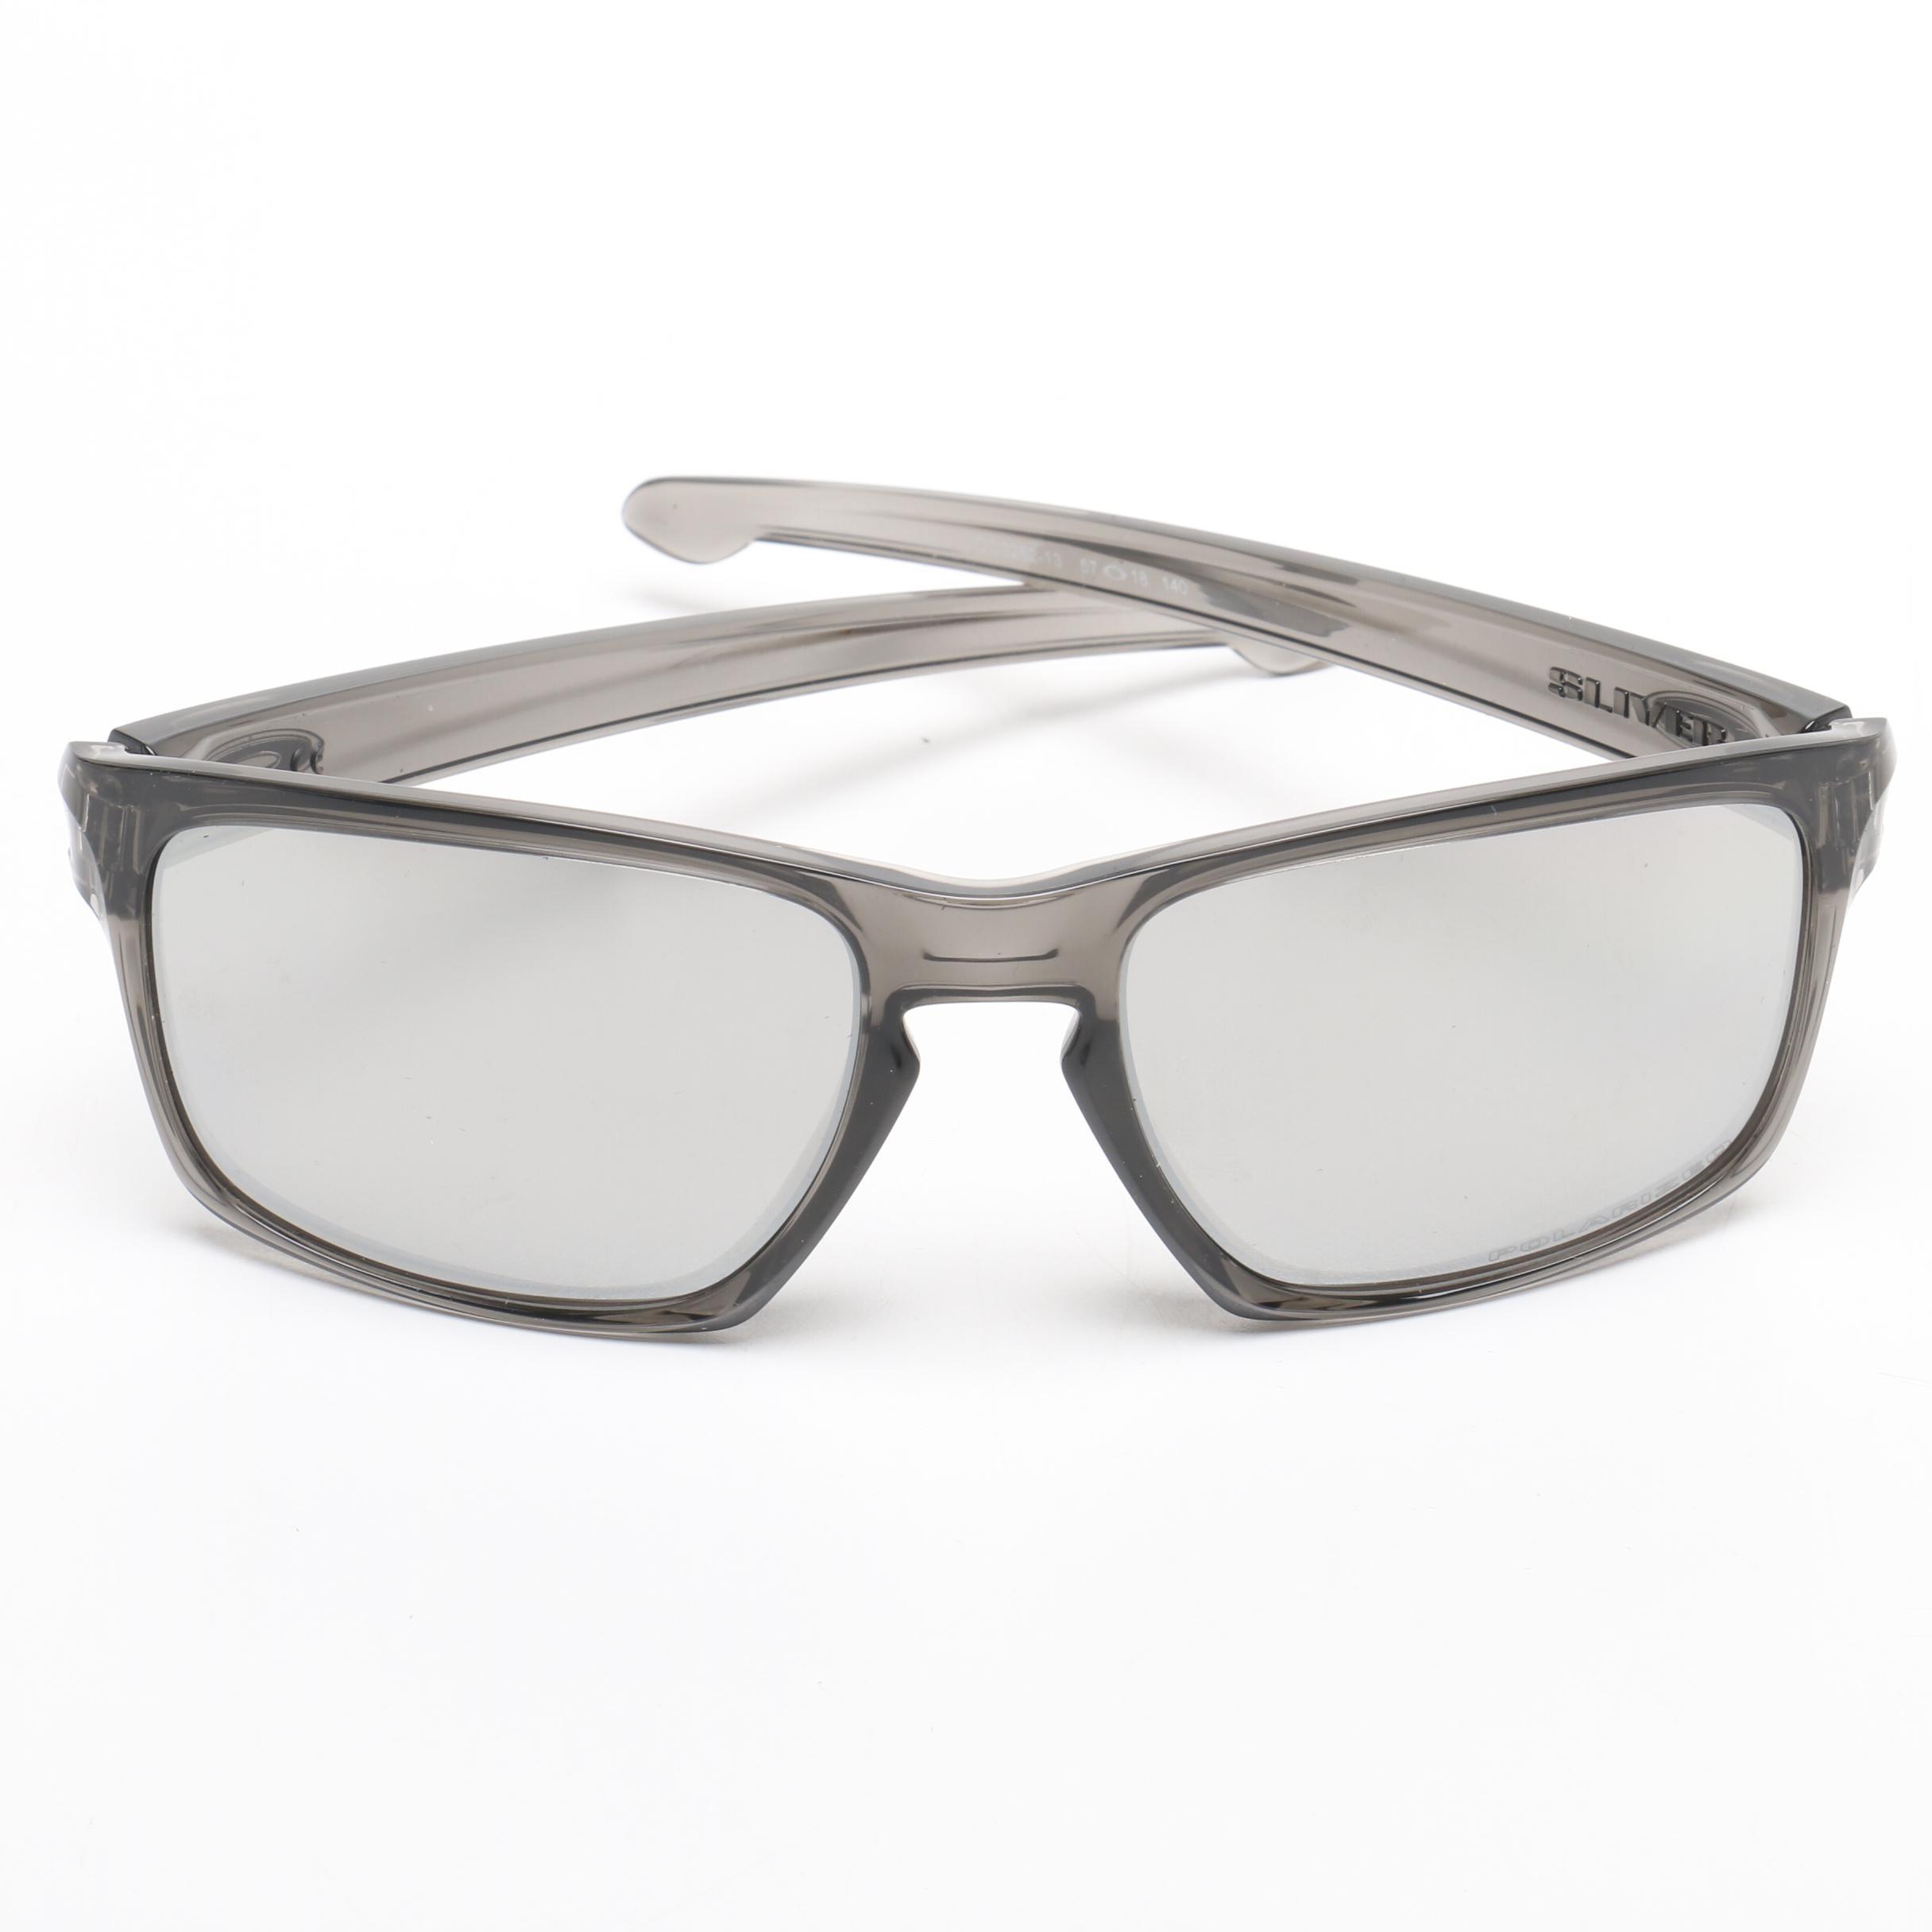 Oakley Silver Polarized Sunglasses